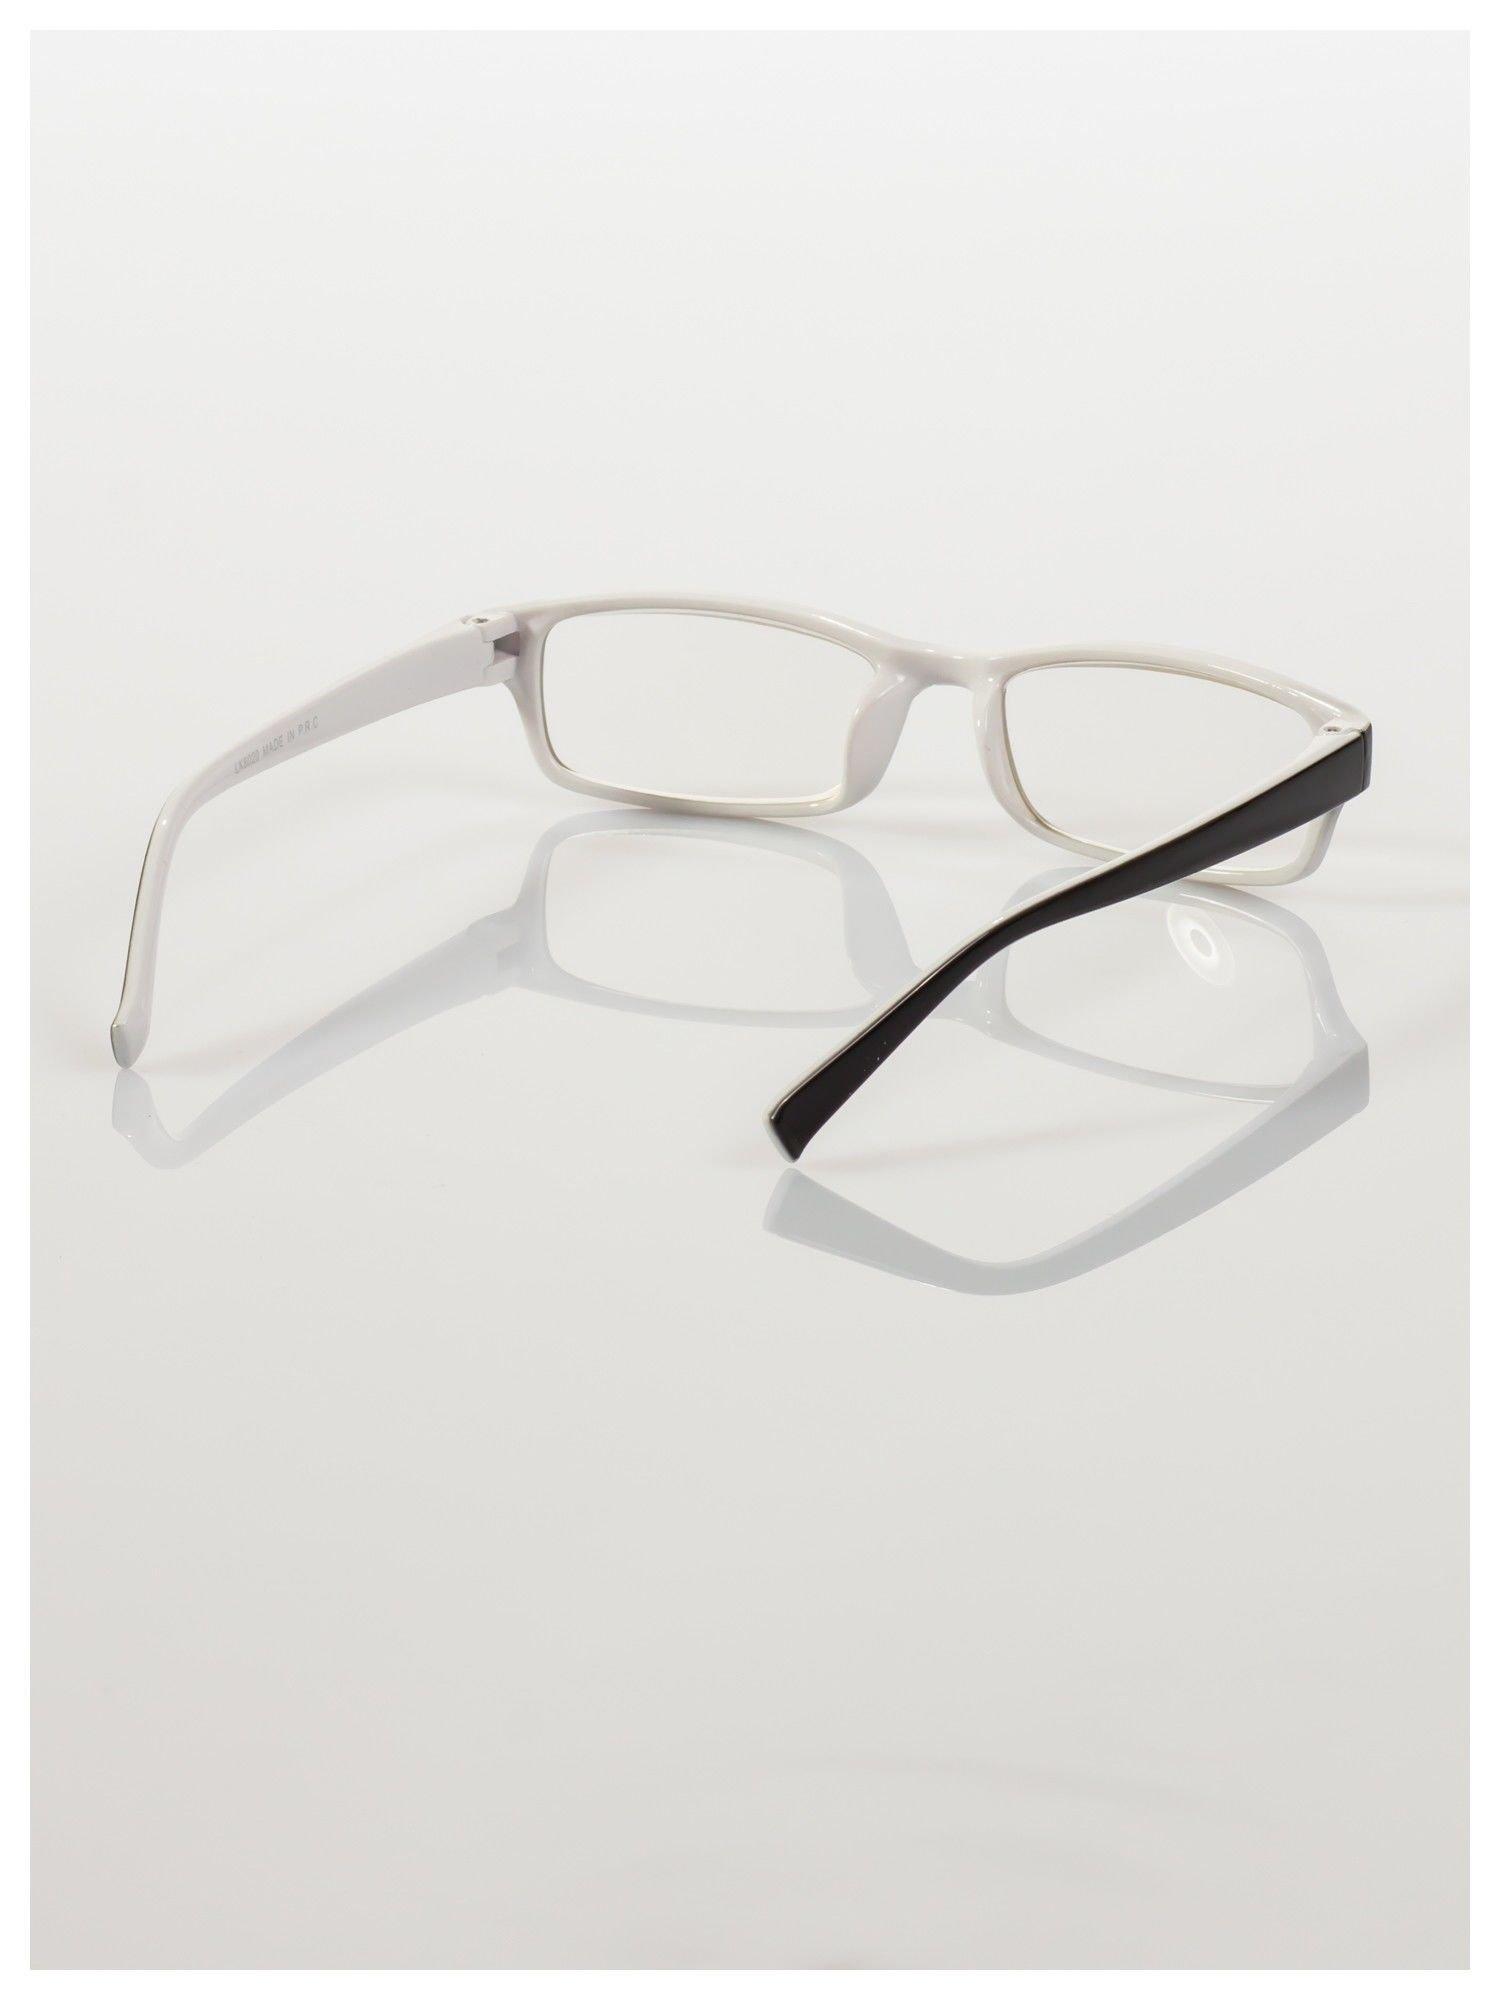 Okulary korekcyjne dwukolorowe do czytania +1.0 D                                    zdj.                                  4